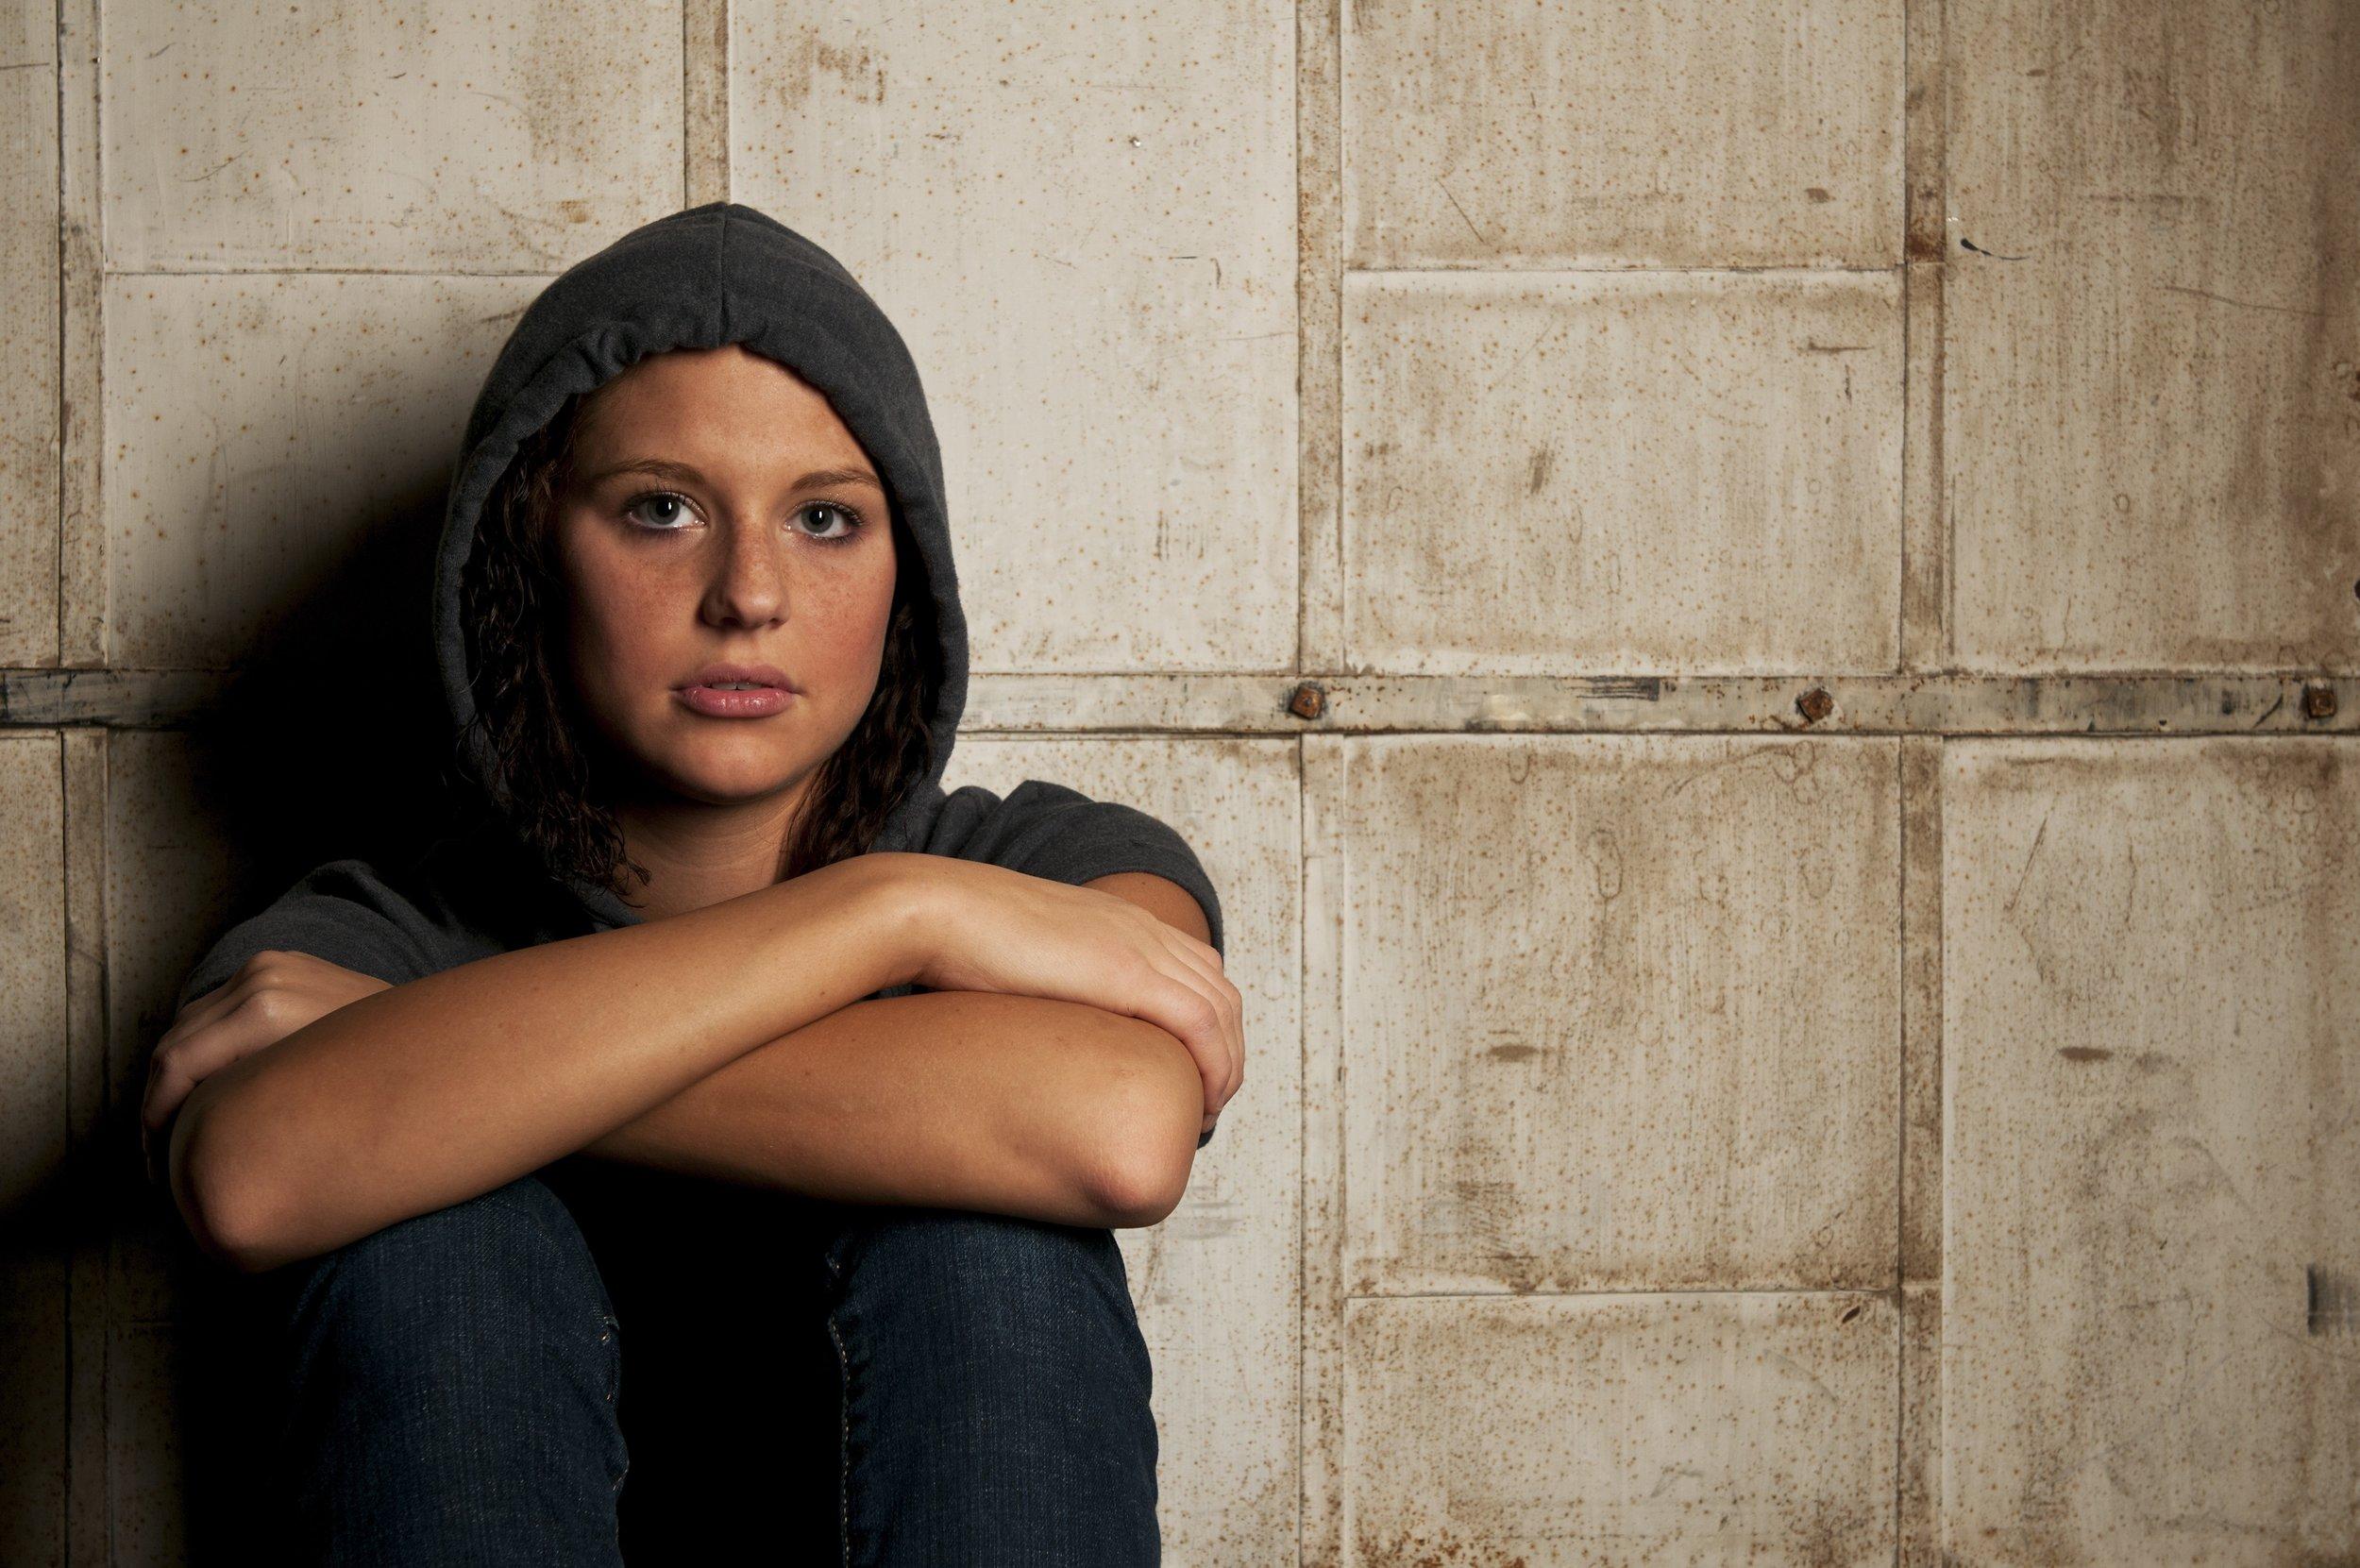 youth_homeless.jpg